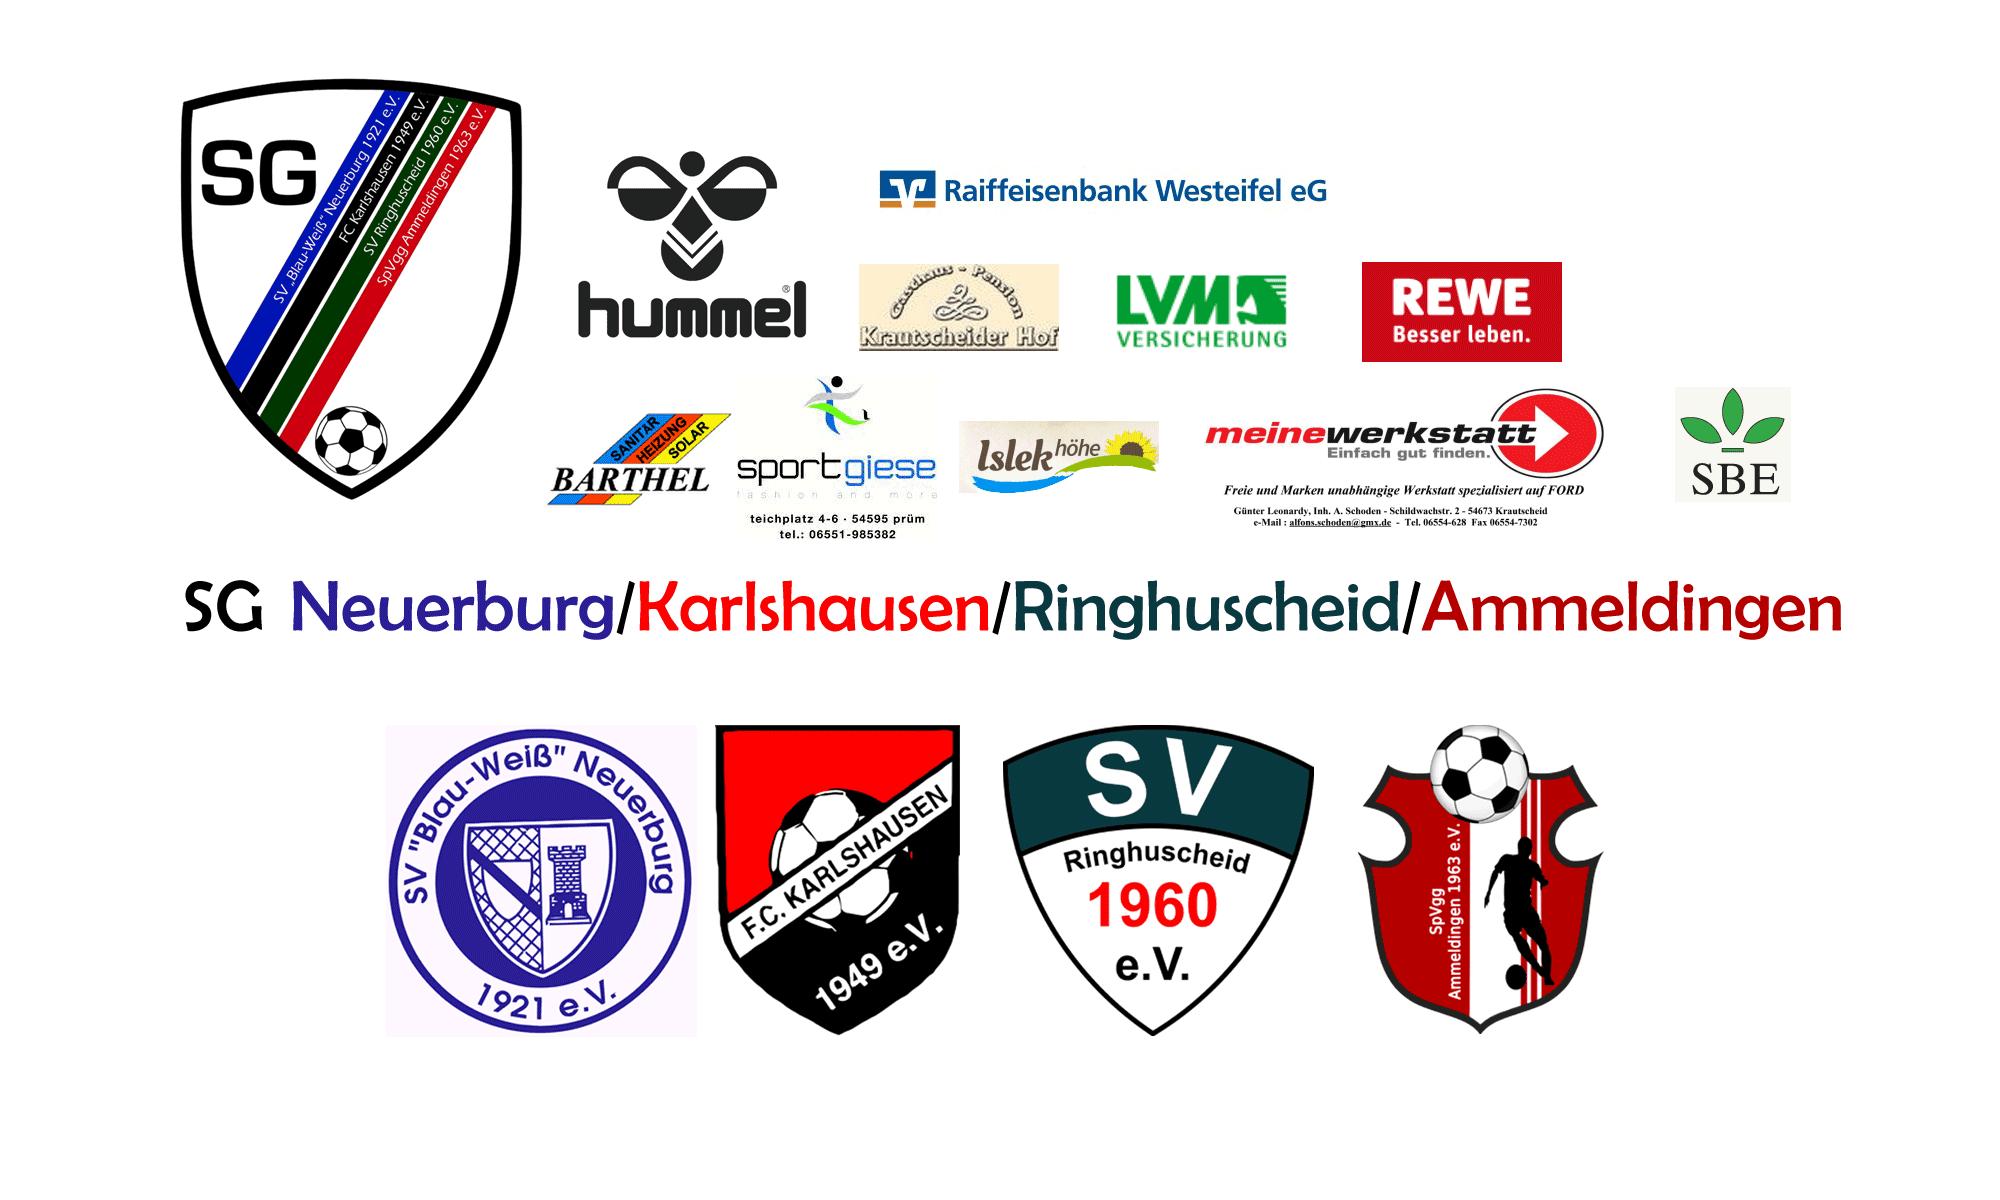 SV Ringhuscheid 1960 e.V.